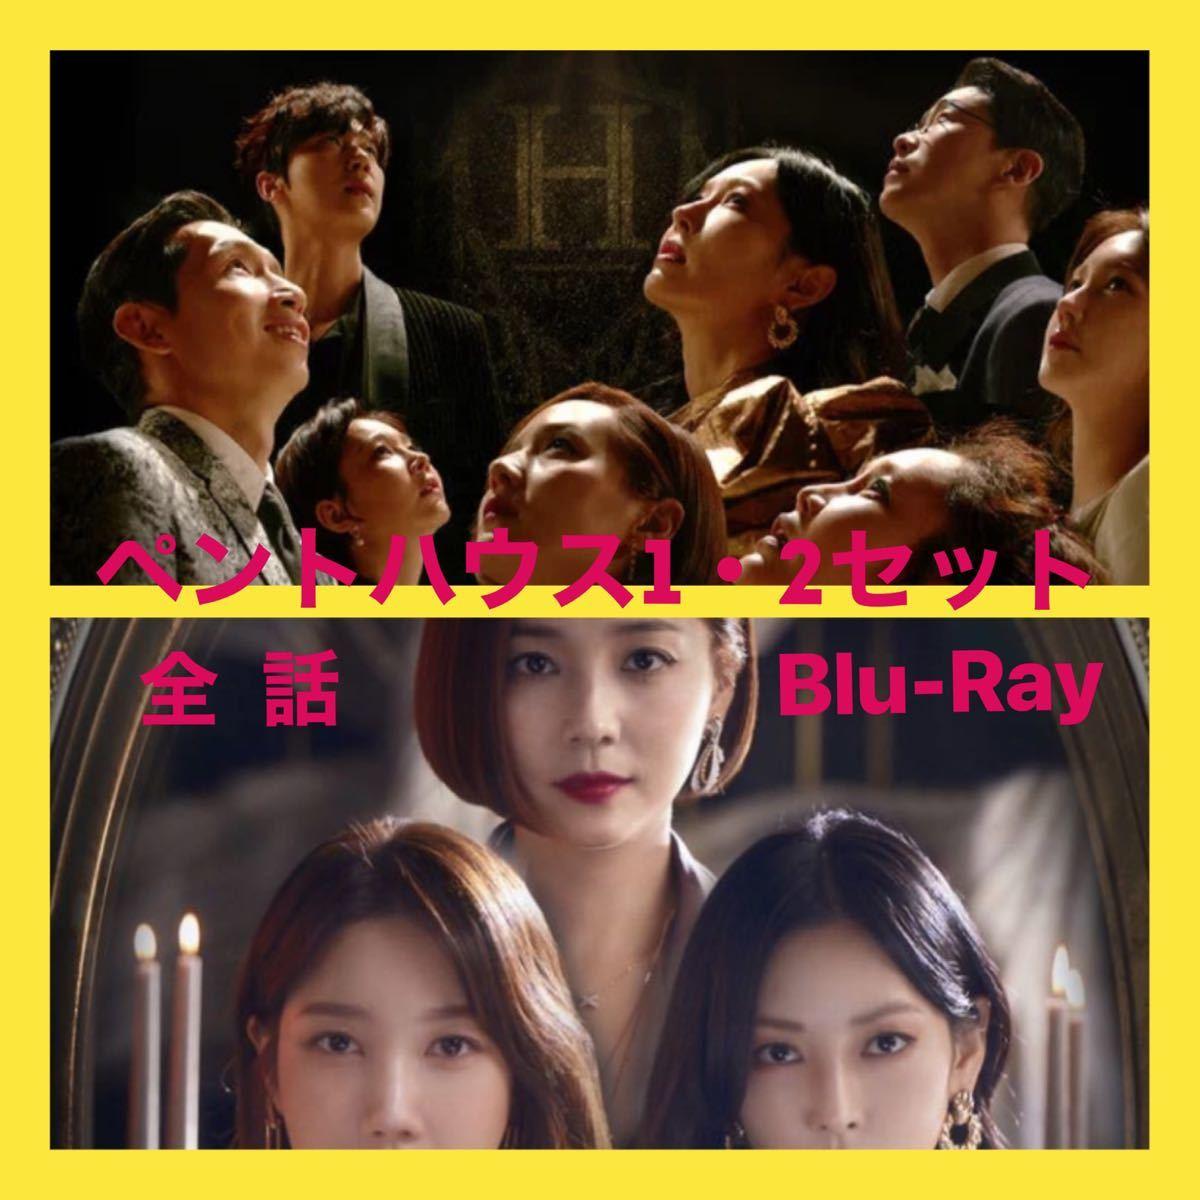 韓国ドラマ ペントハウス1-2セット  Blu-Ray全話